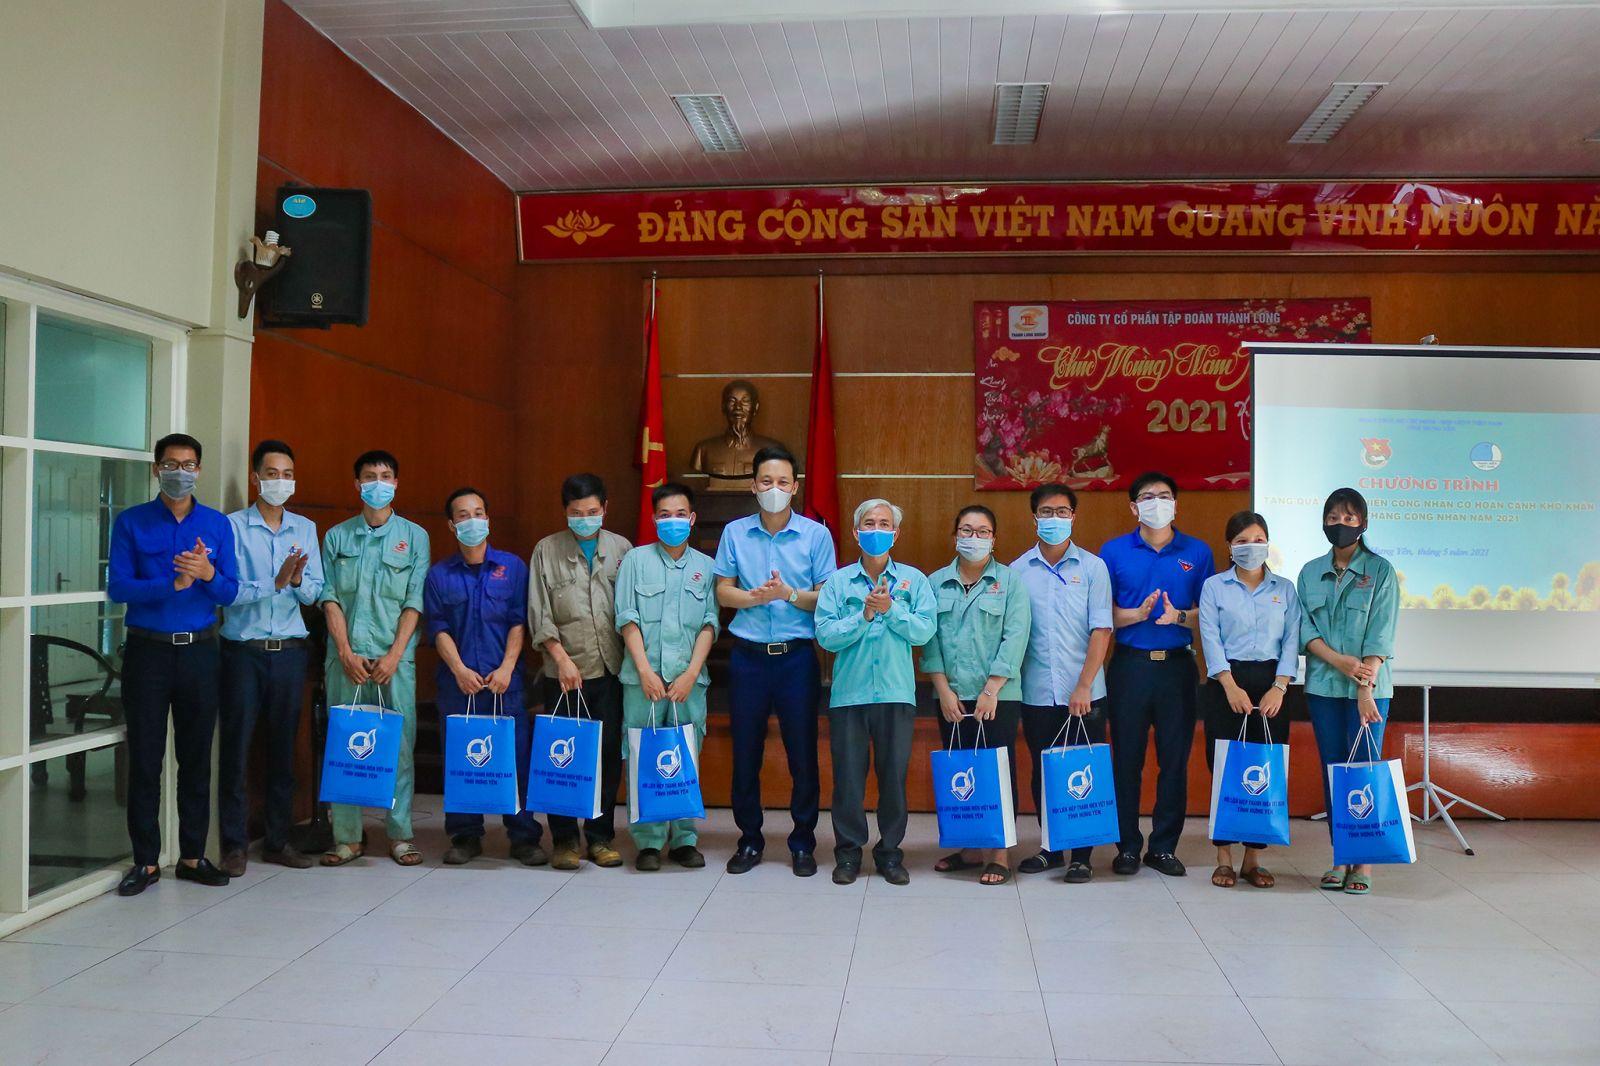 Ban Thường vụ Tỉnh đoàn, Hội LHTN Việt Nam tỉnh tặng quà thanh niên công nhân có hoàn cảnh khó khăn, hưởng ứng Tháng công nhân năm 2021